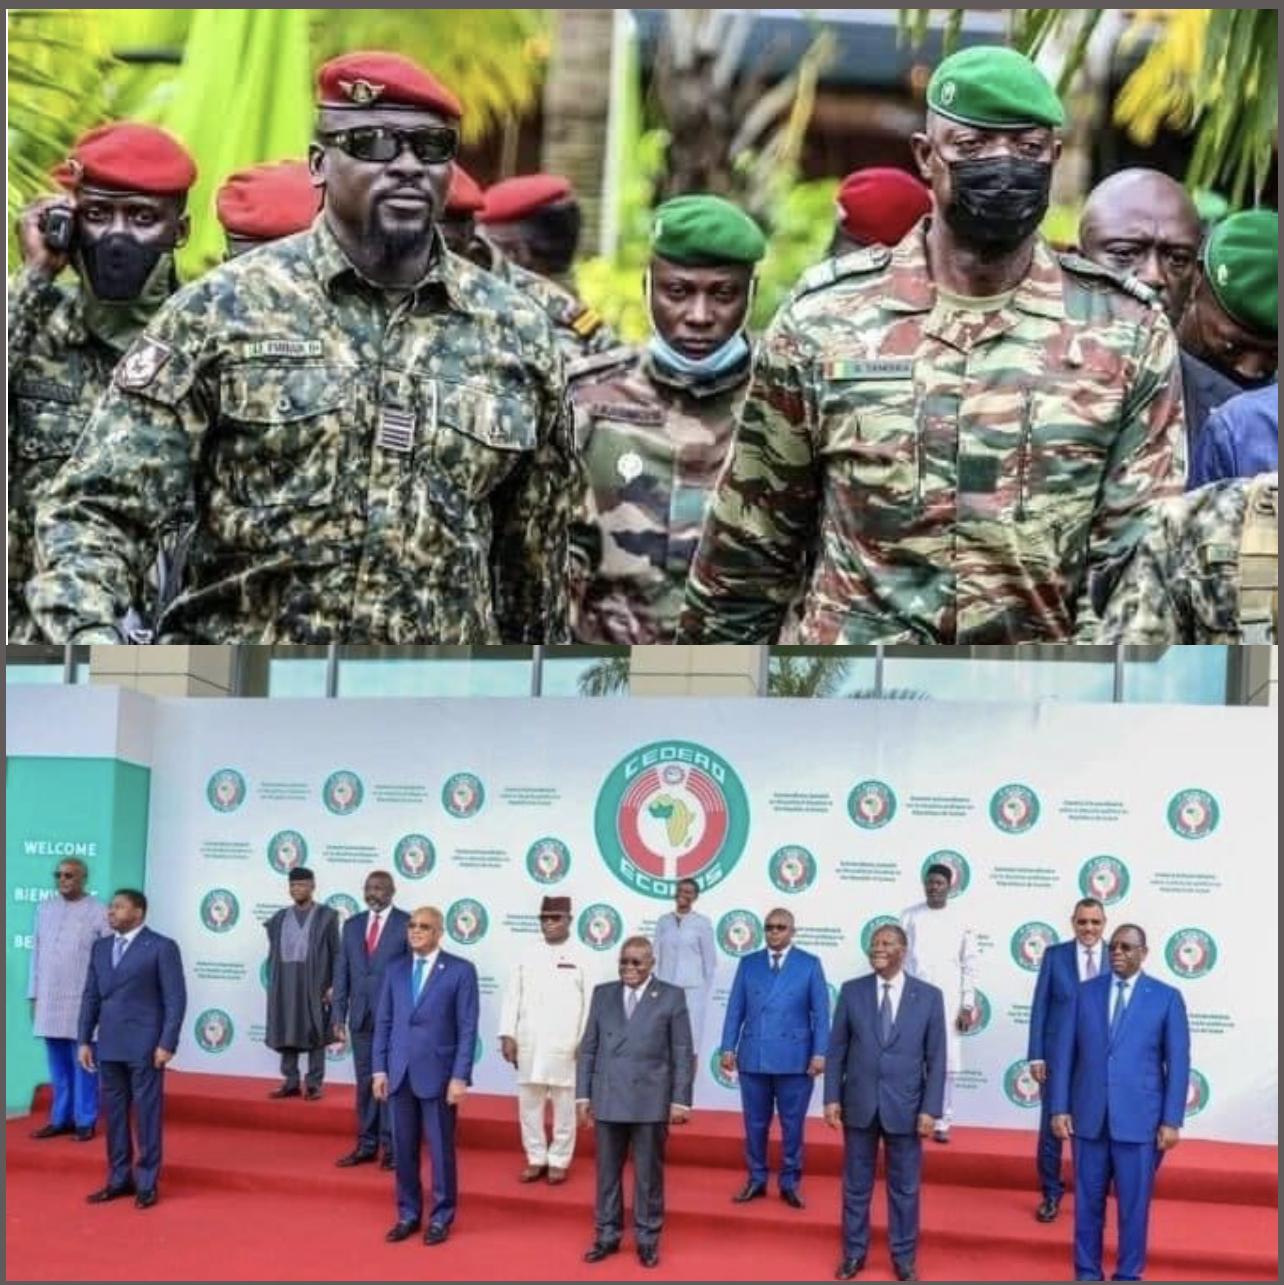 Guinée : Les gages et la position ferme de la junte vis-à-vis dela Cedeao et de la communauté internationale.